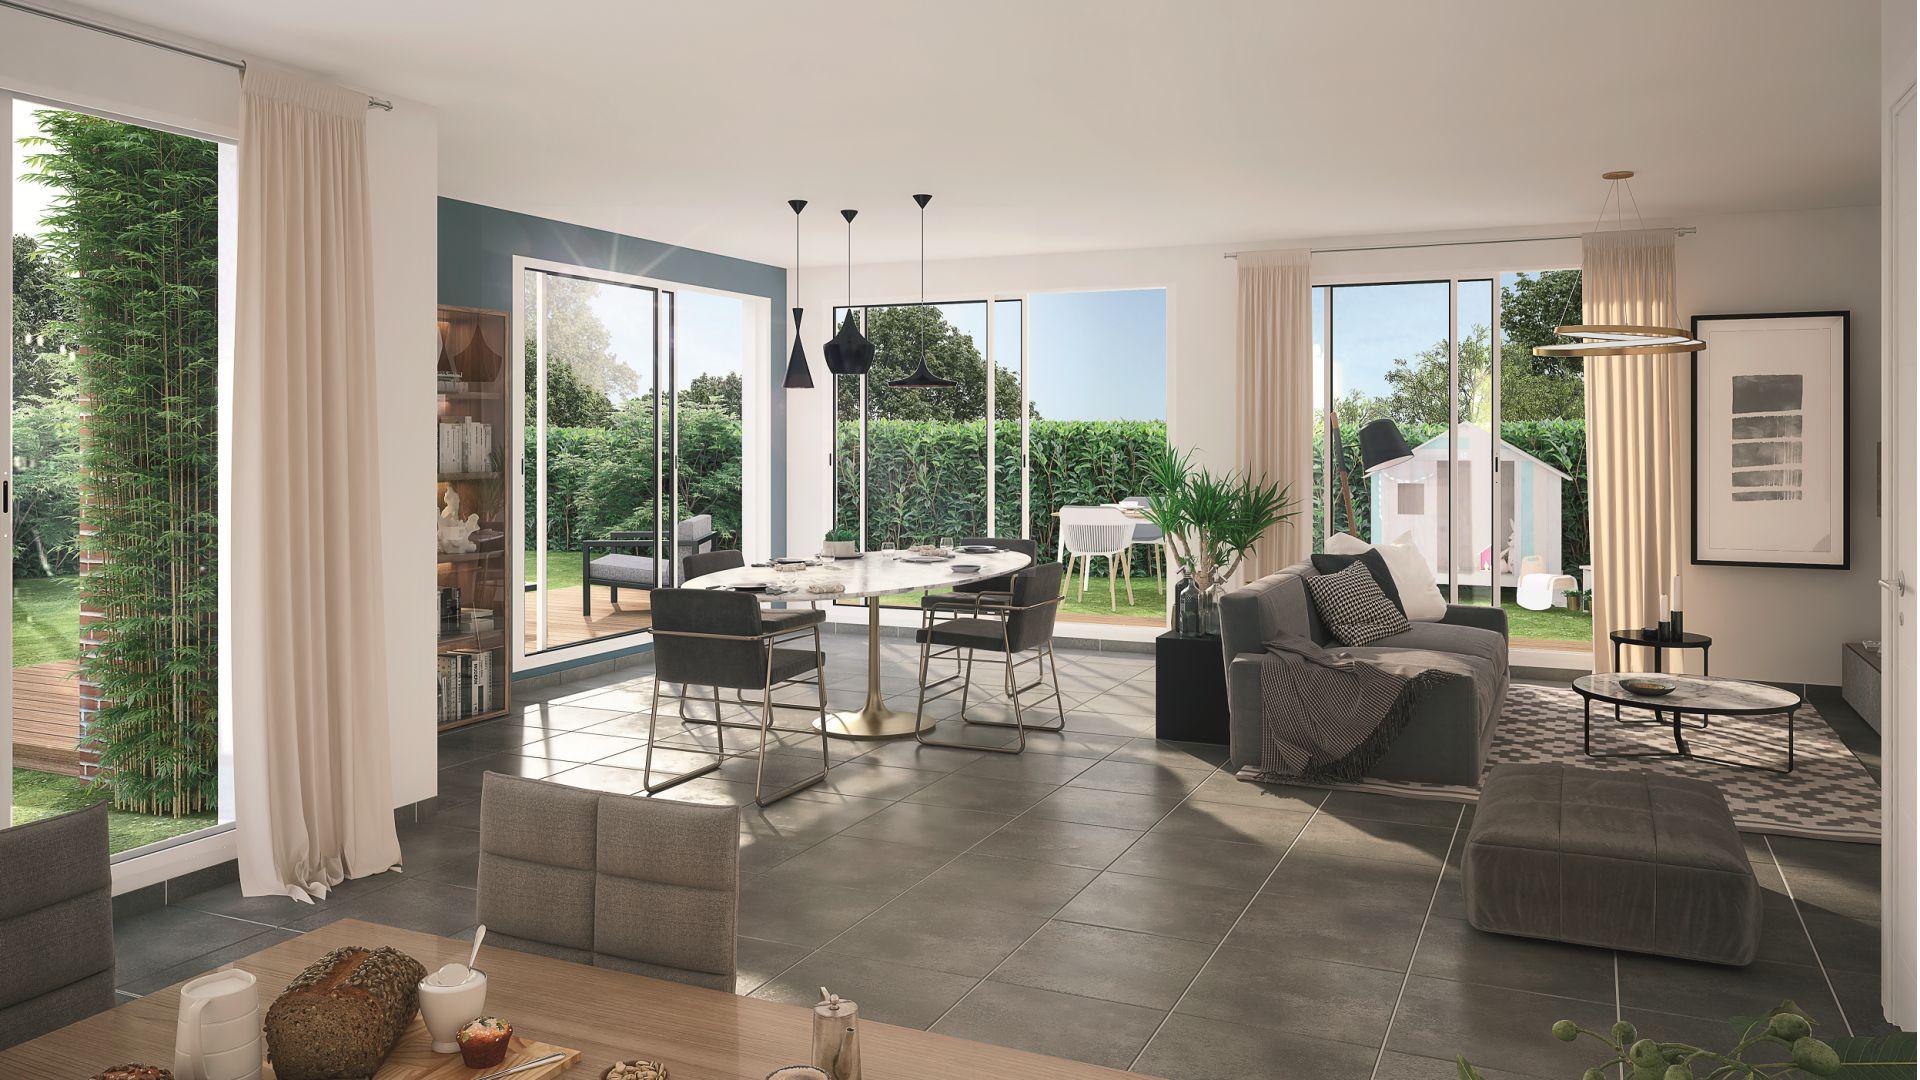 Greencity Immobilier - Villas Valéria - 31320 Auzeville - Villas neuves T6 - appartements neufs T2-T3 - intérieur villa 3 et 5